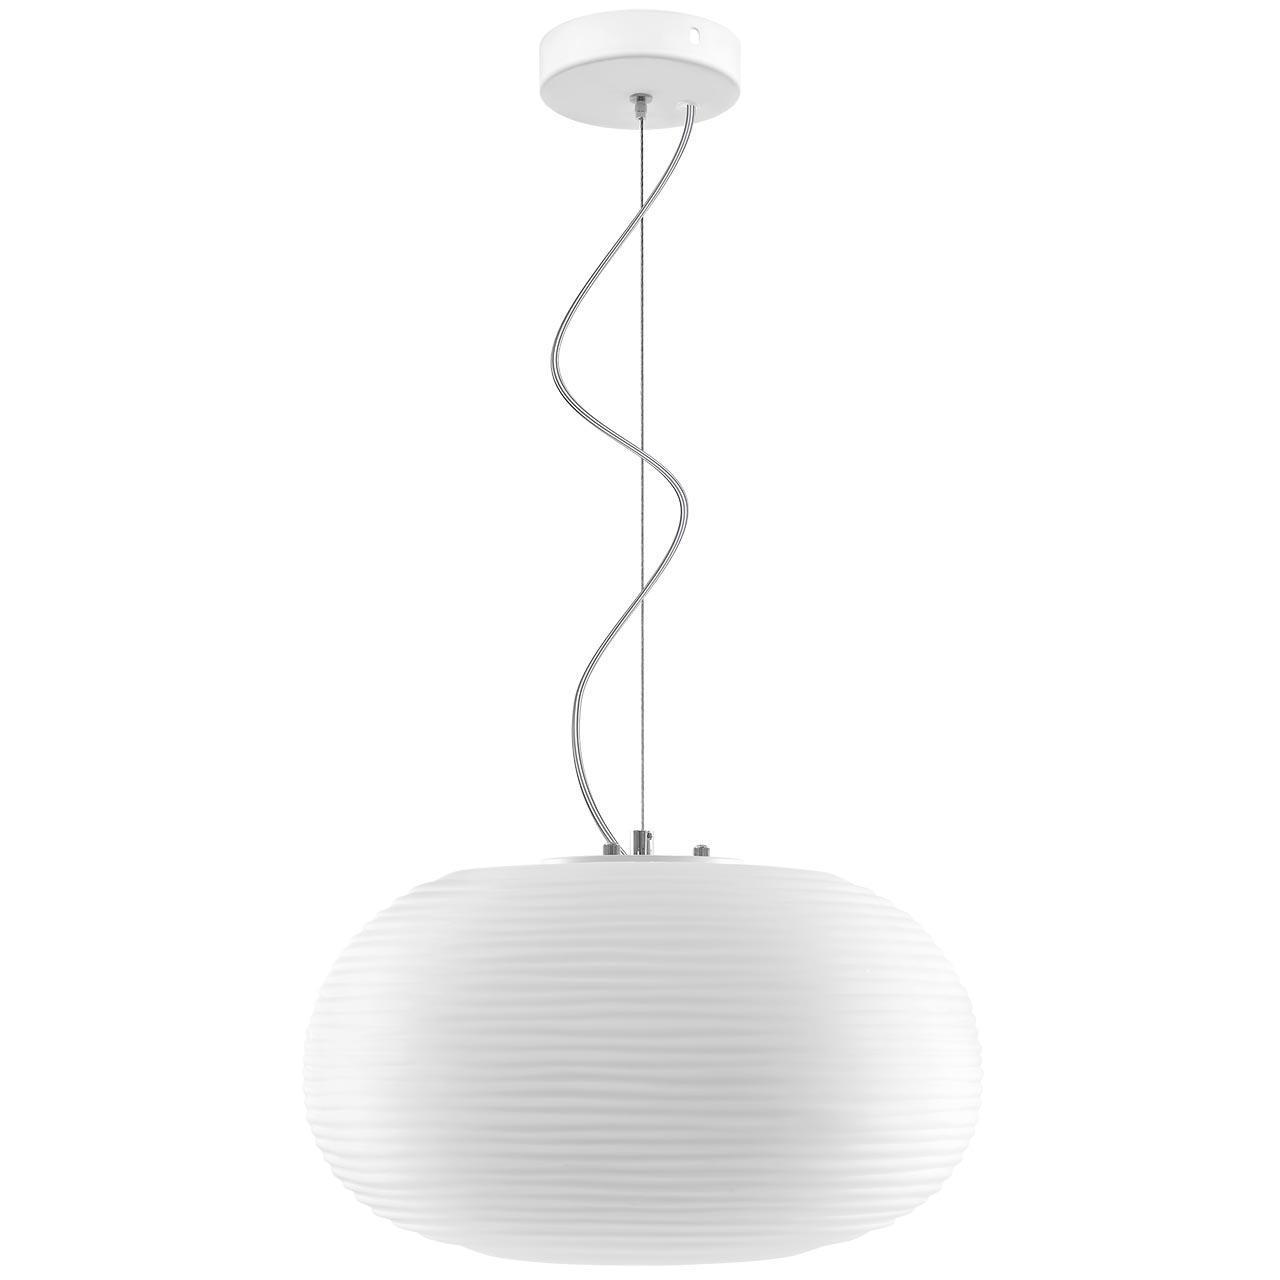 Купить Подвесной светильник Lightstar Arnia, inmyroom, Италия